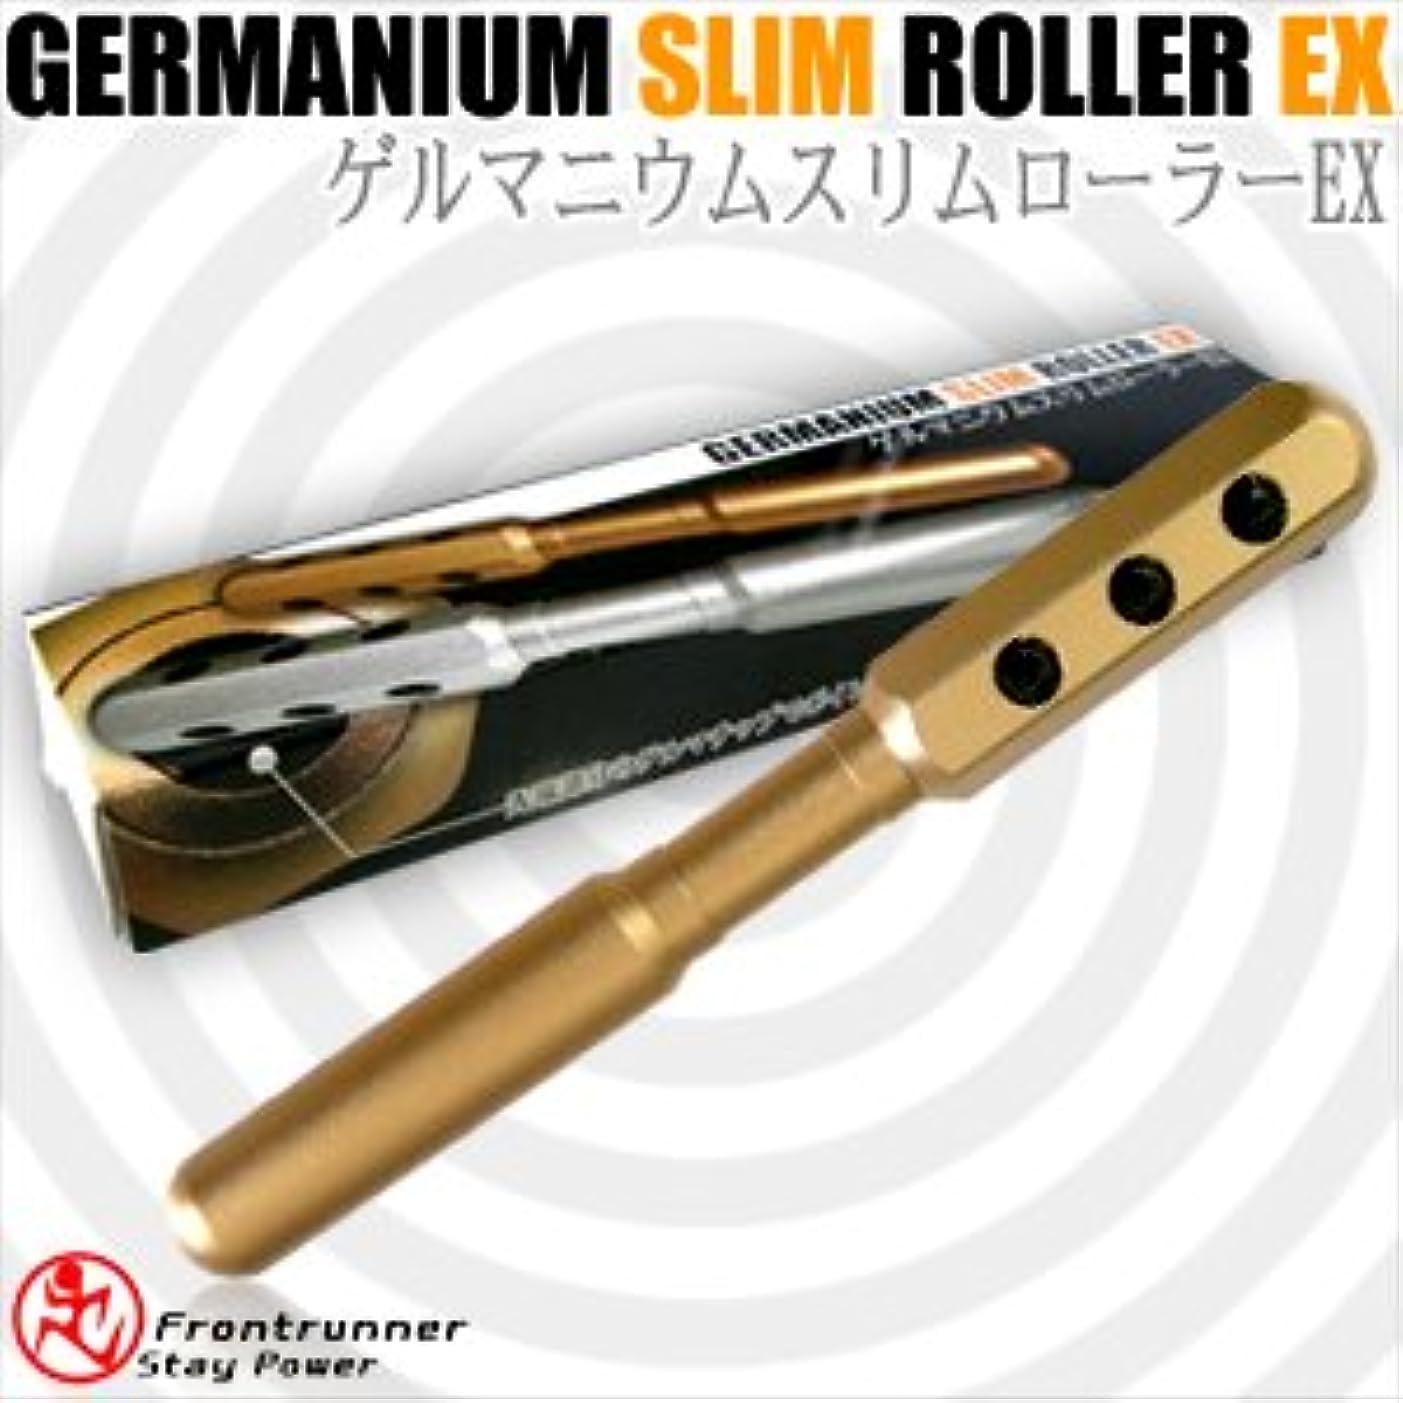 賞賛する性的マルコポーロゲルマニウムスリムローラーEX(ゴールド)